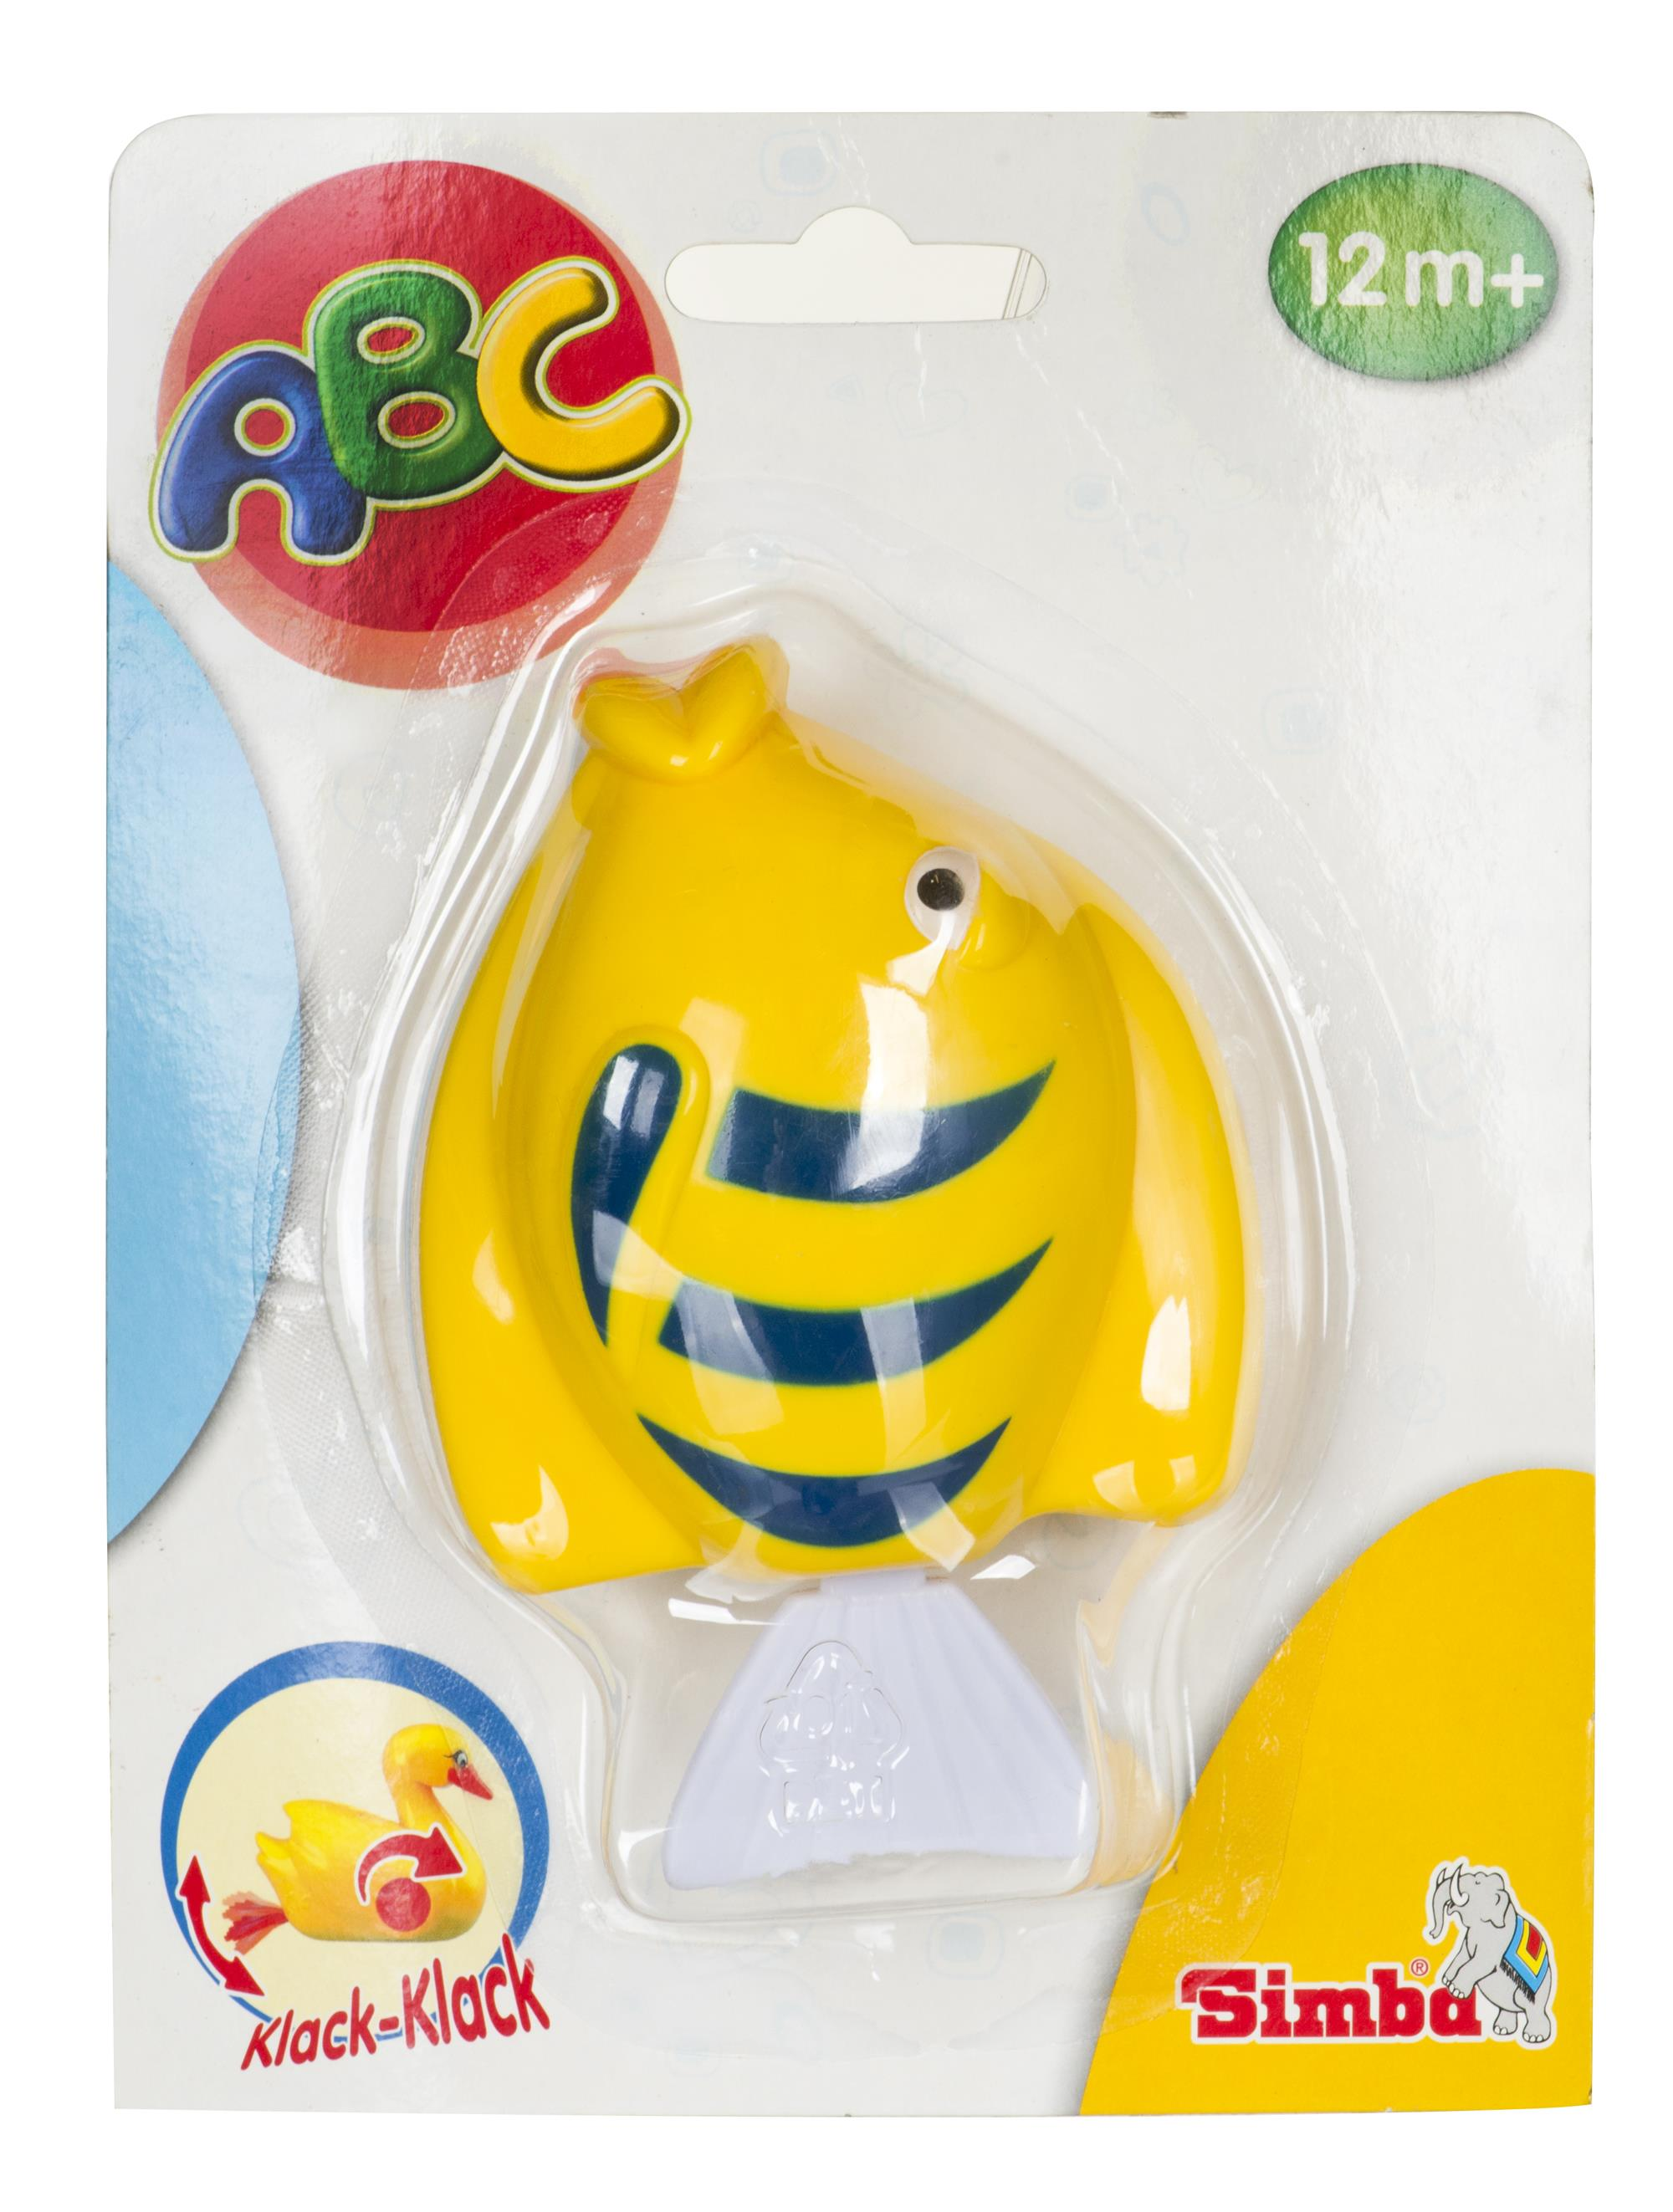 Water toys Simba ABC Plywajace zwierzatka (6 rodzajow) (From 12 months) DIZSIBDKA0001 aksesuāri bērniem